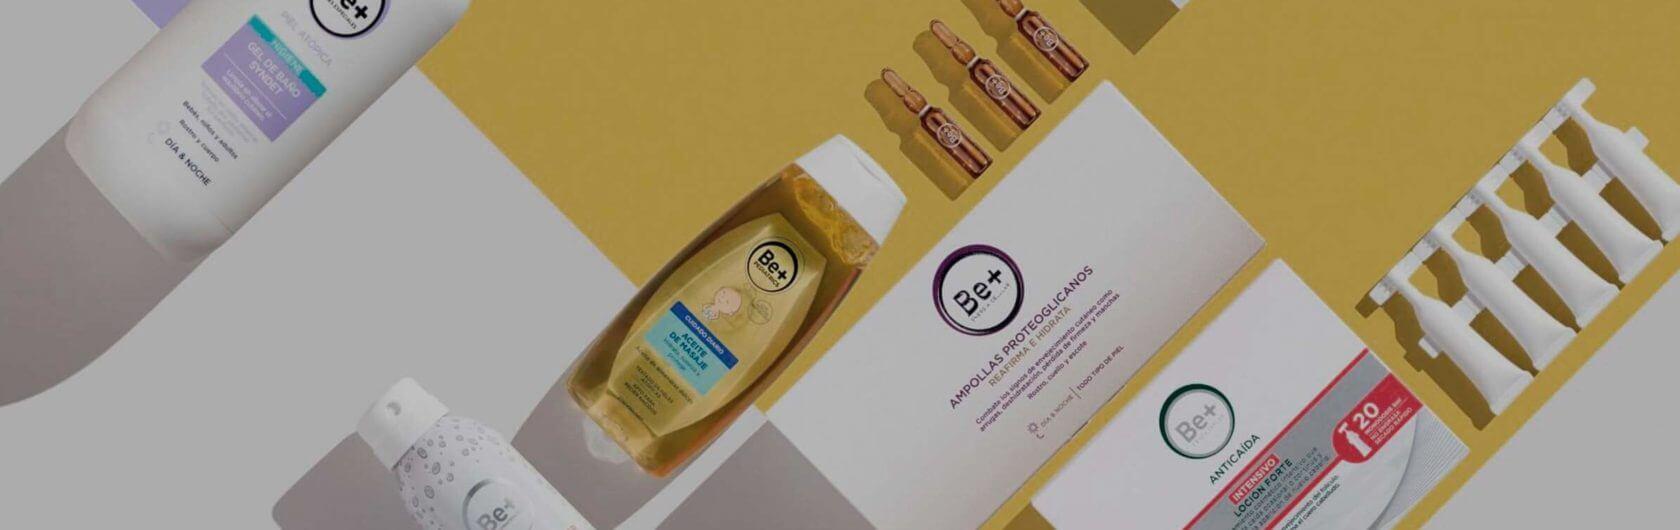 Cinfa Be+, cuidado de la piel y el cabello: antiedad, anticaída, fotoprotección…